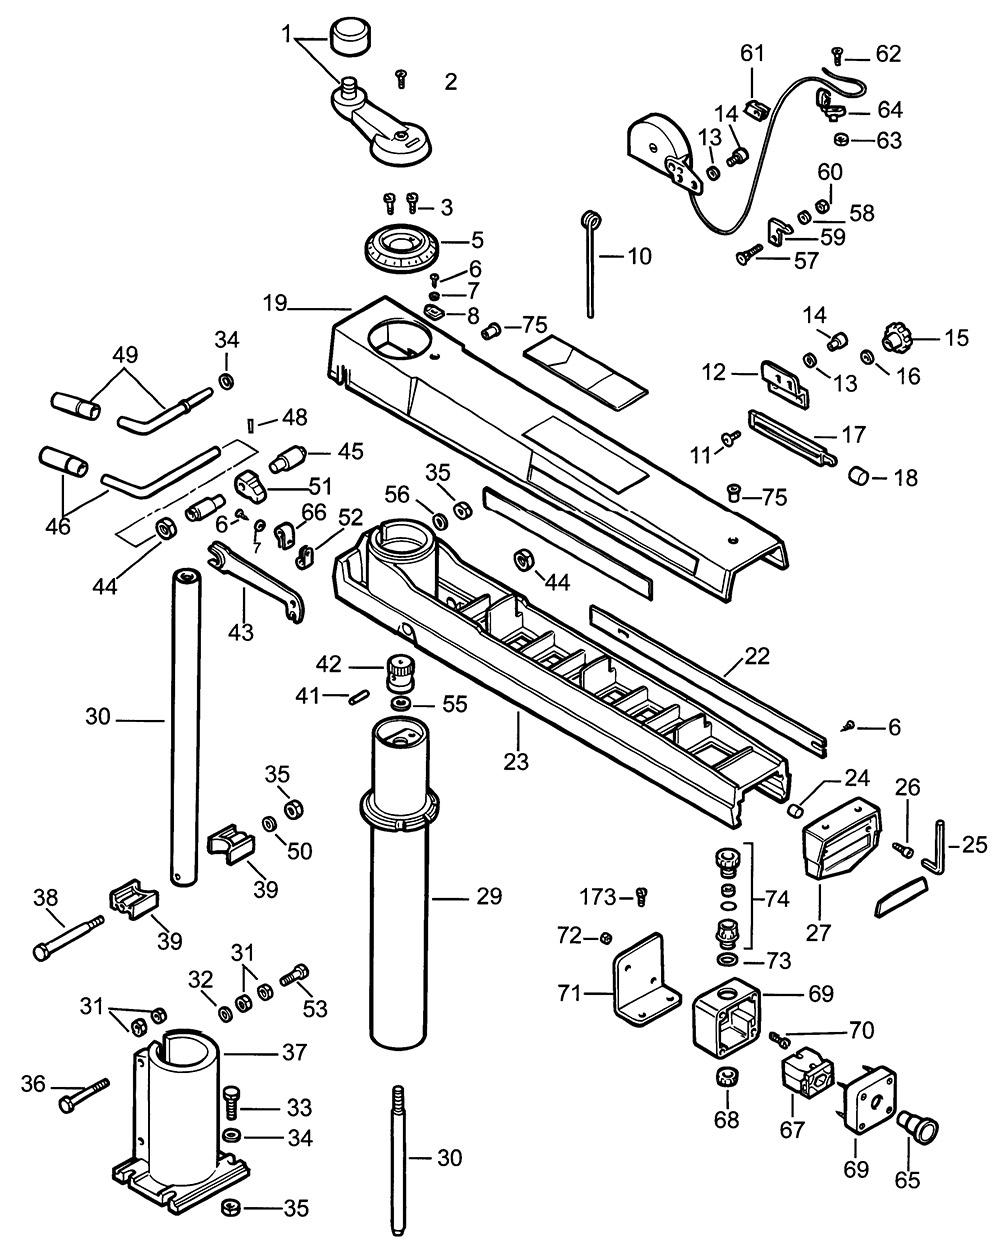 tile saw wiring diagram get free image about wiring diagram